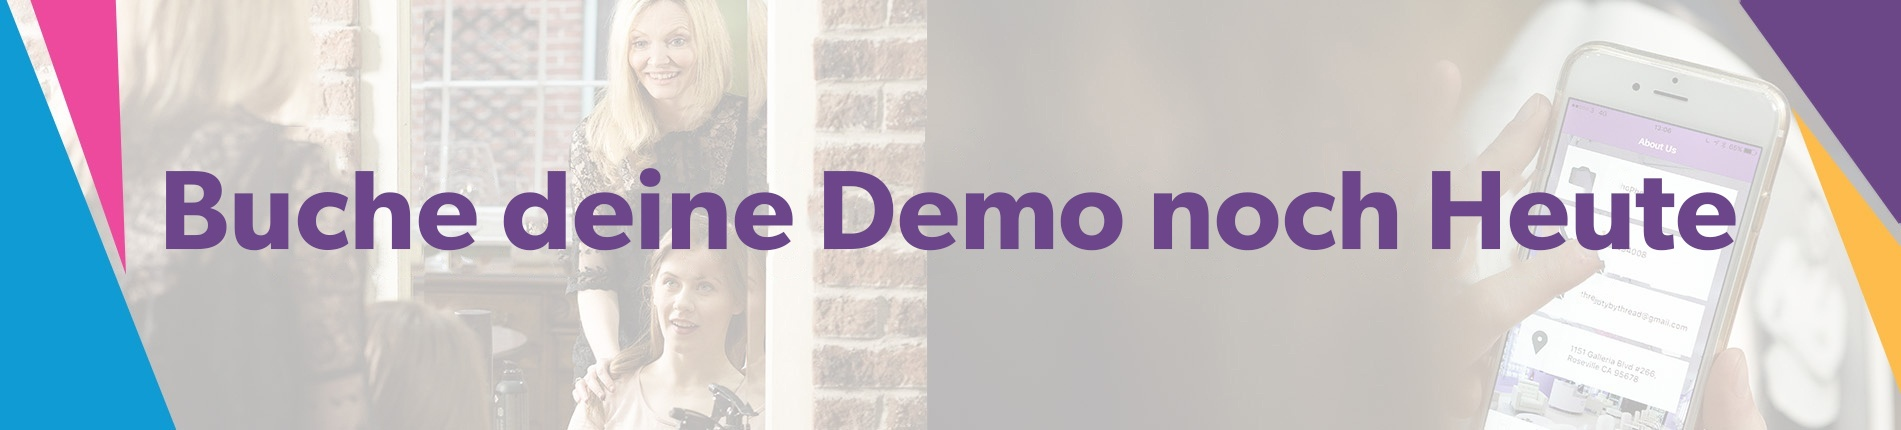 Banner Demo Phorest.jpg